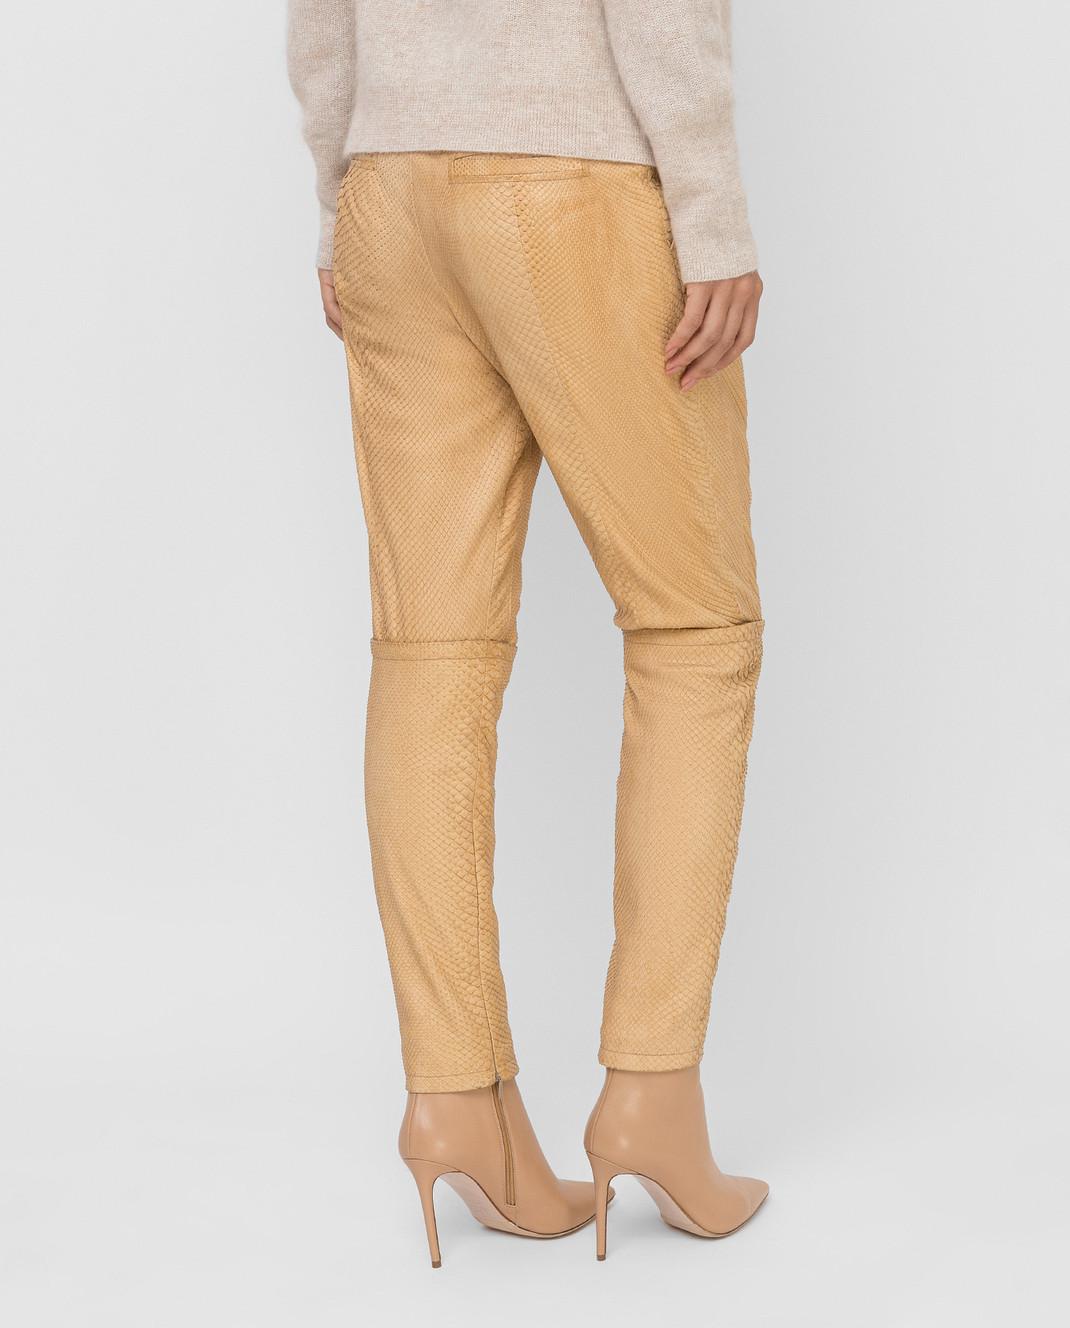 Gucci Бежевые брюки из кожи питона изображение 4